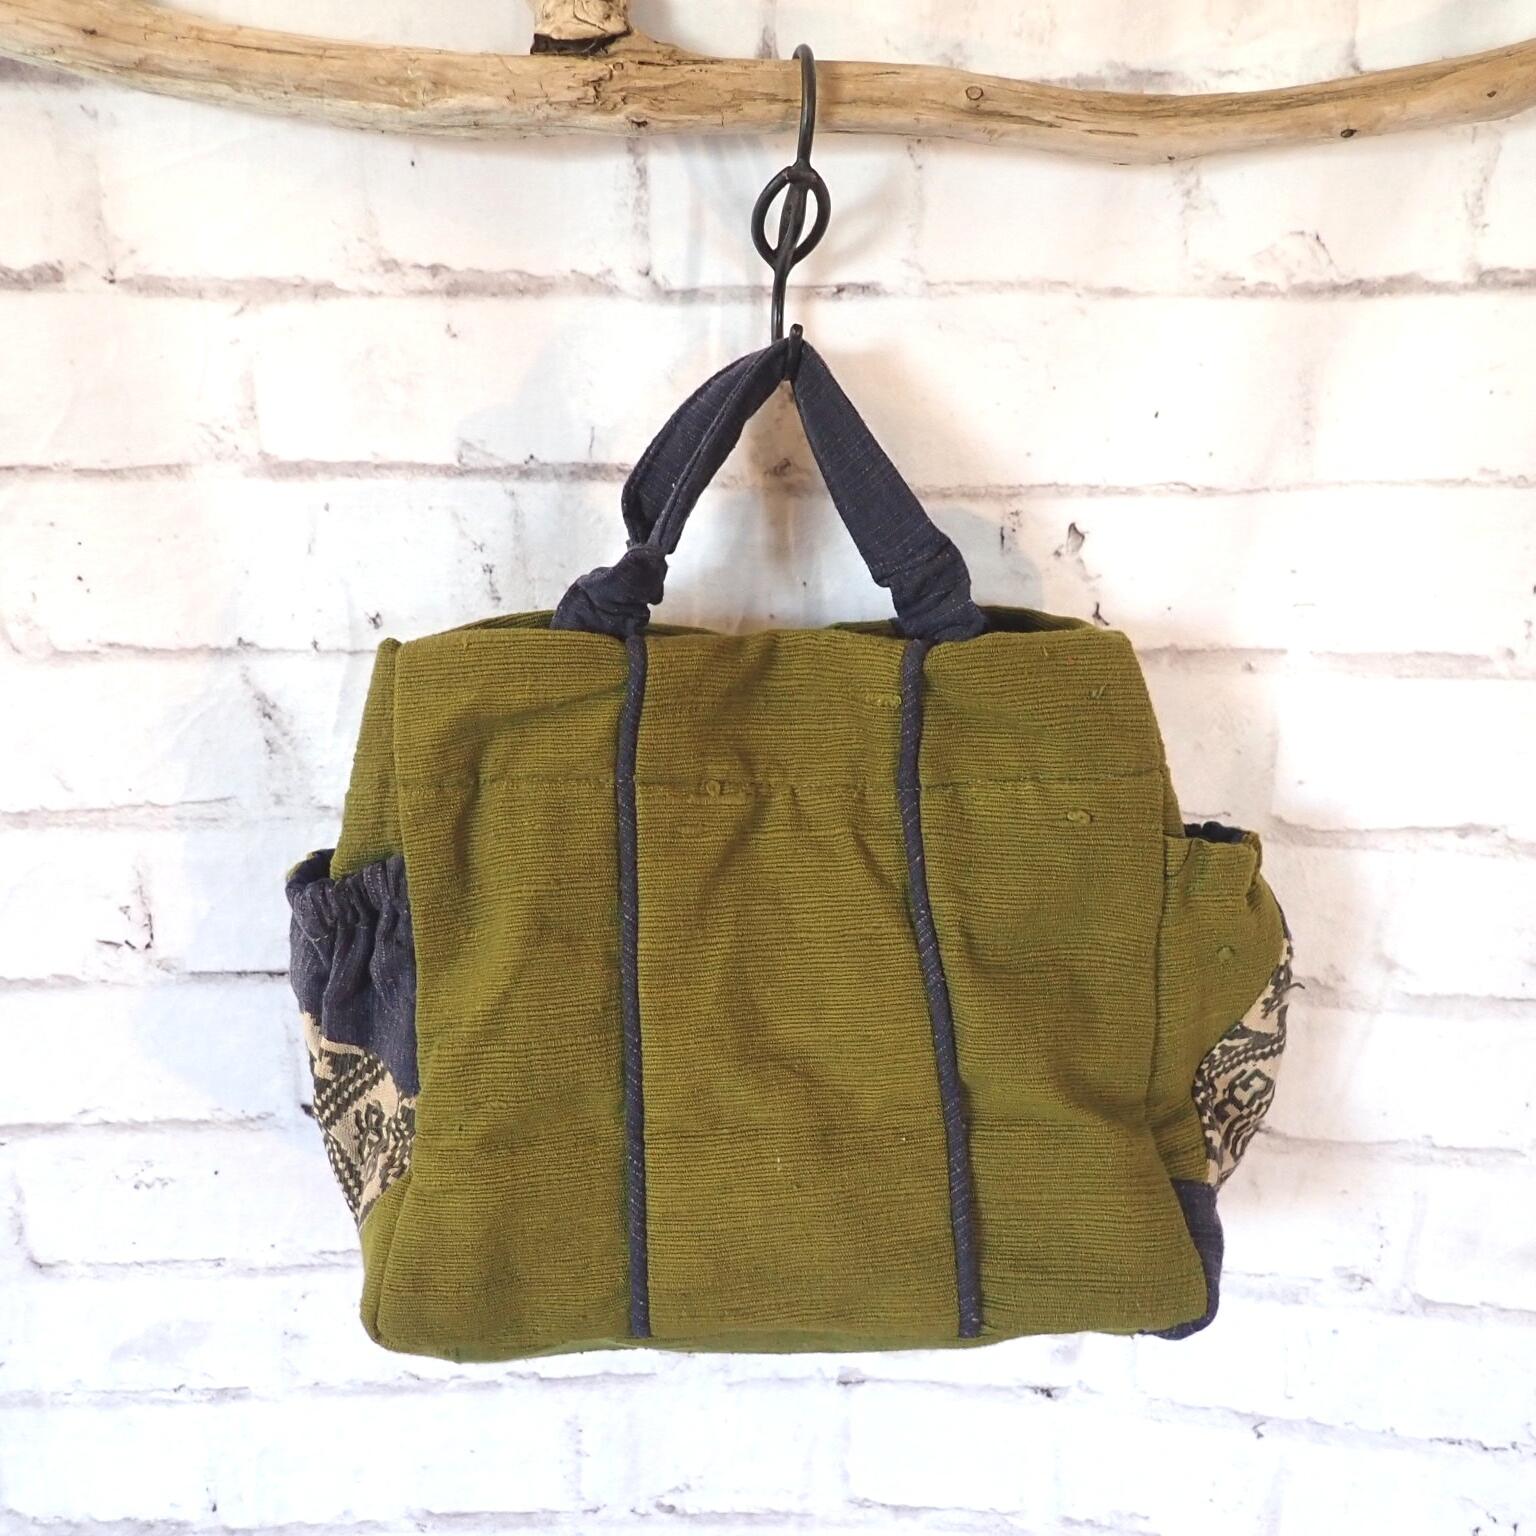 チェンマイ ナガ族刺繍の手さげバッグ 抹茶